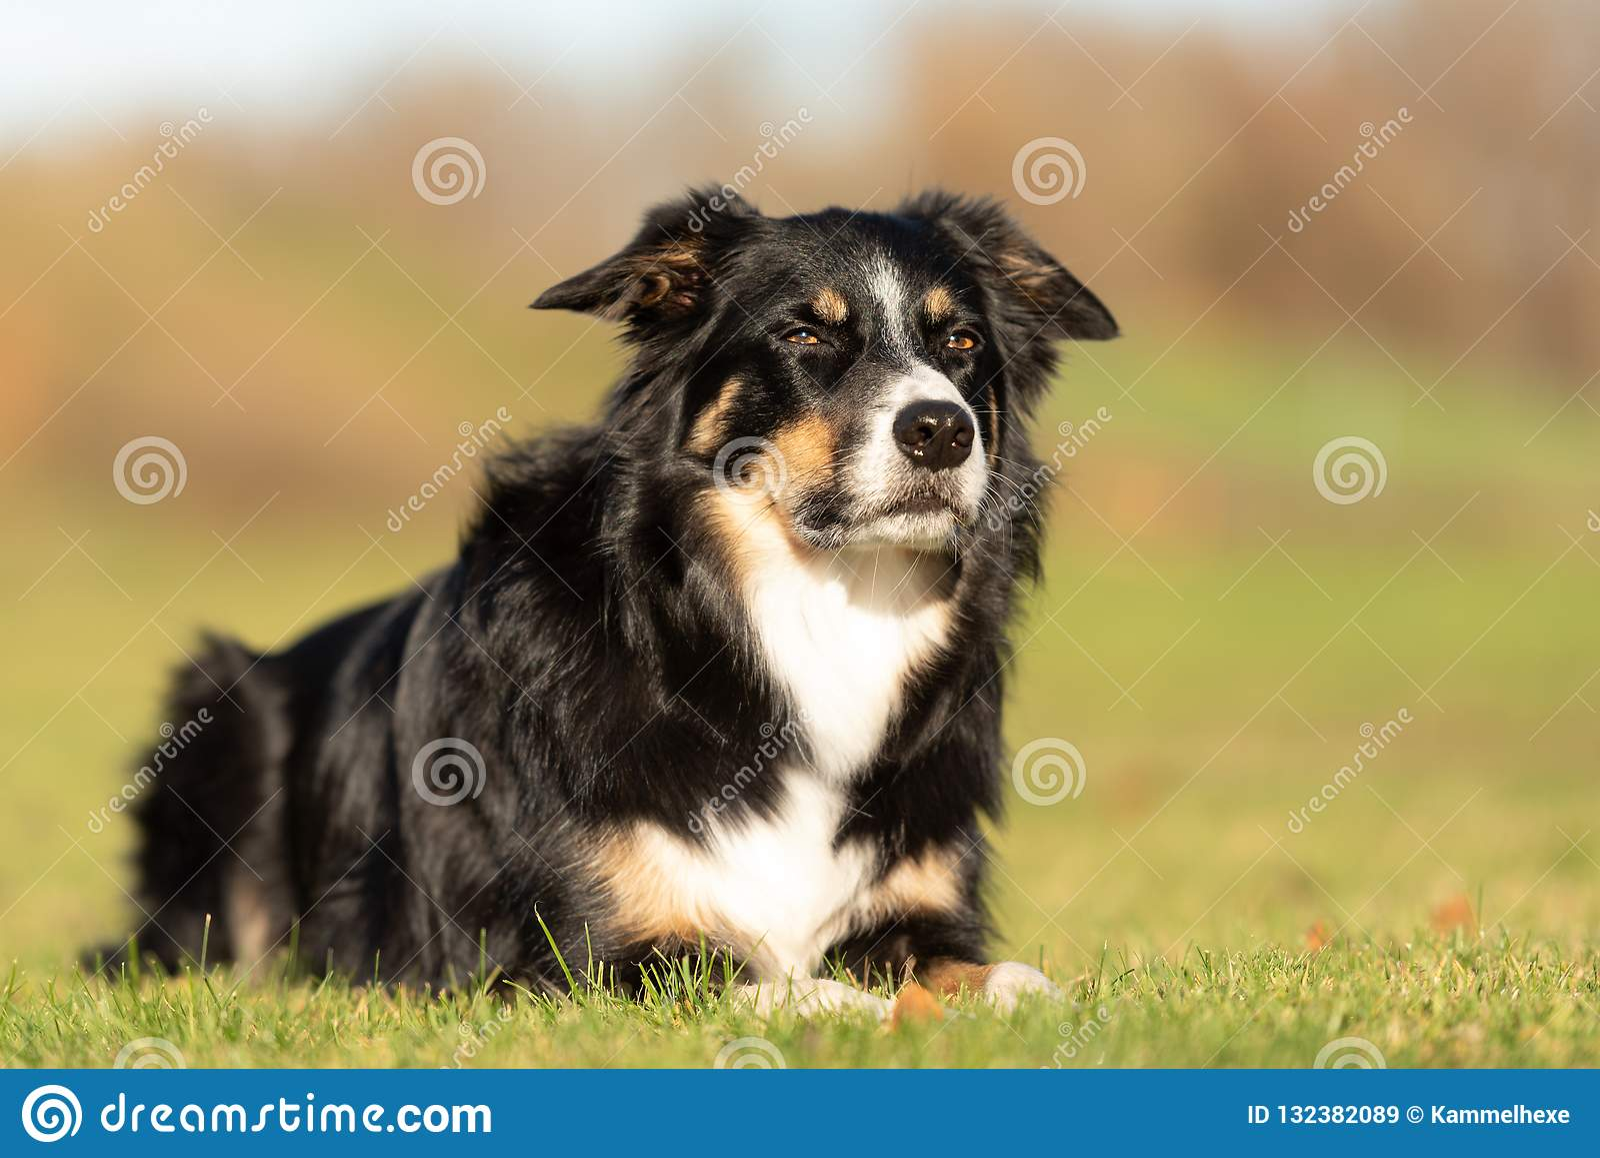 Le chien obéissant se situe dans un pré et regarde en avant